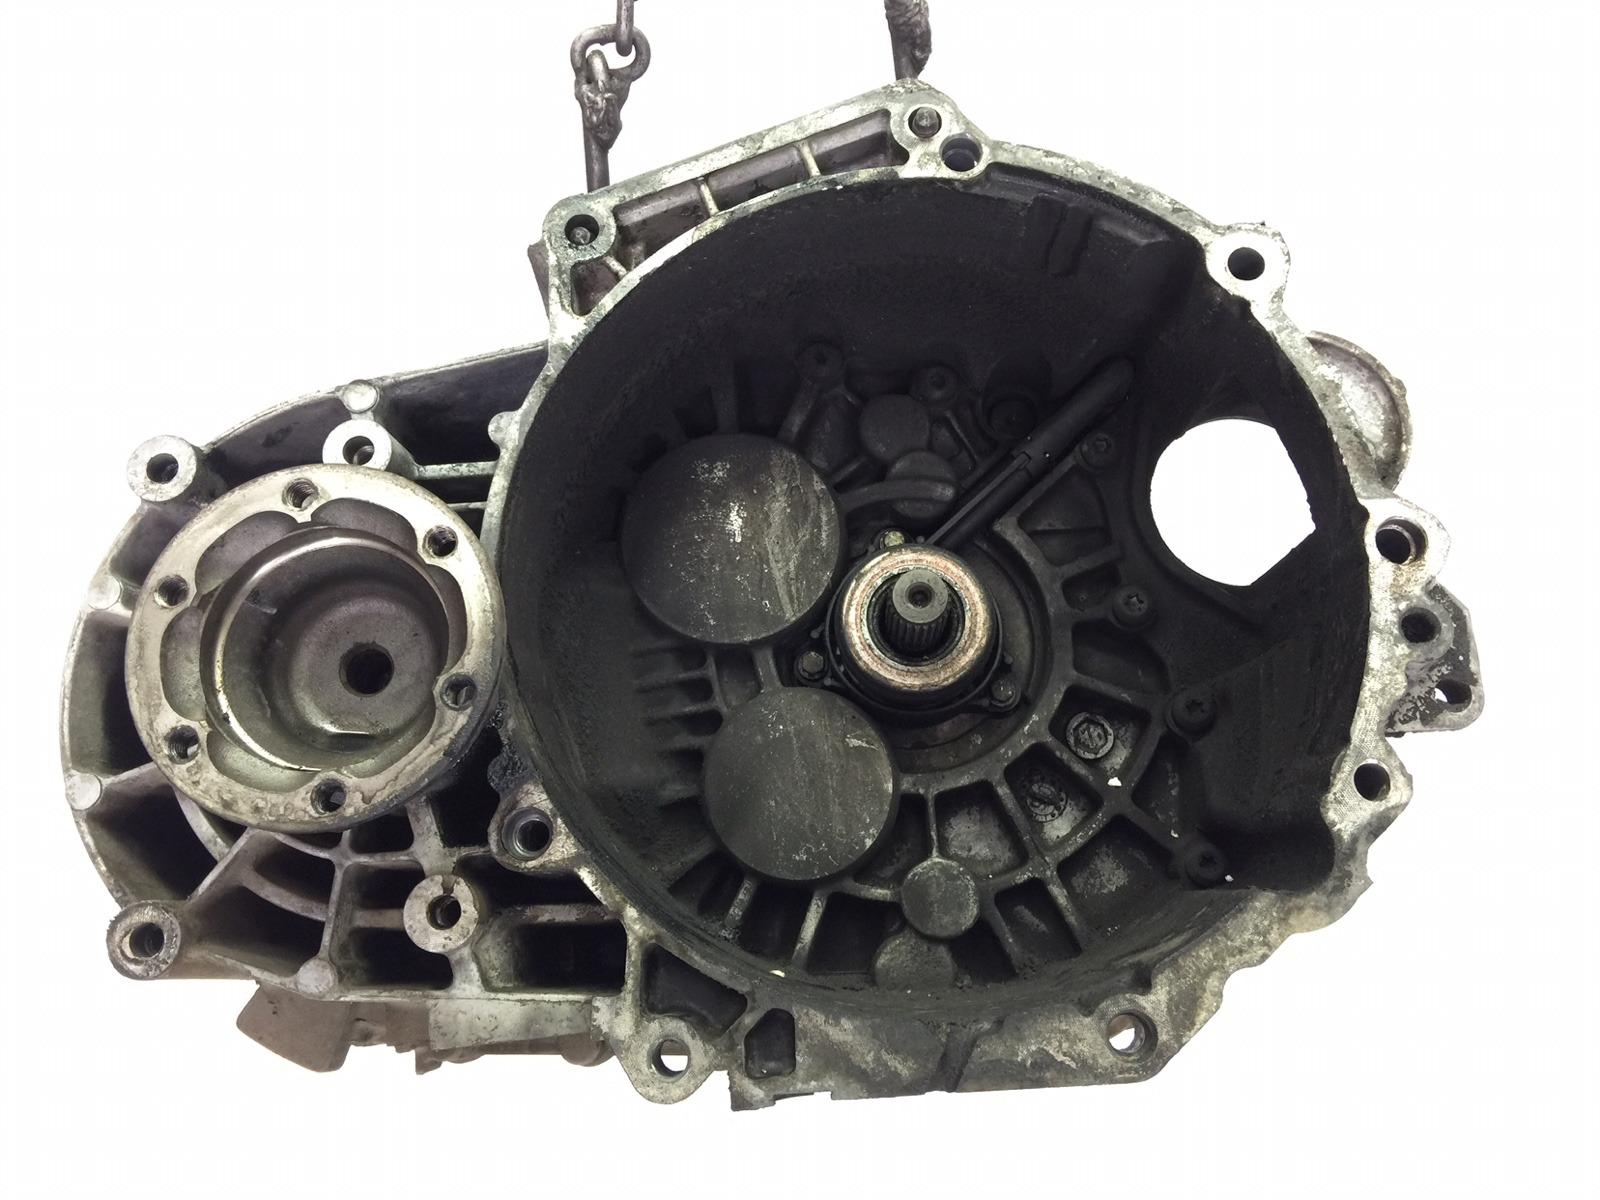 Кпп механическая (мкпп) Audi A3 8P 2.0 TDI 2006 (б/у)